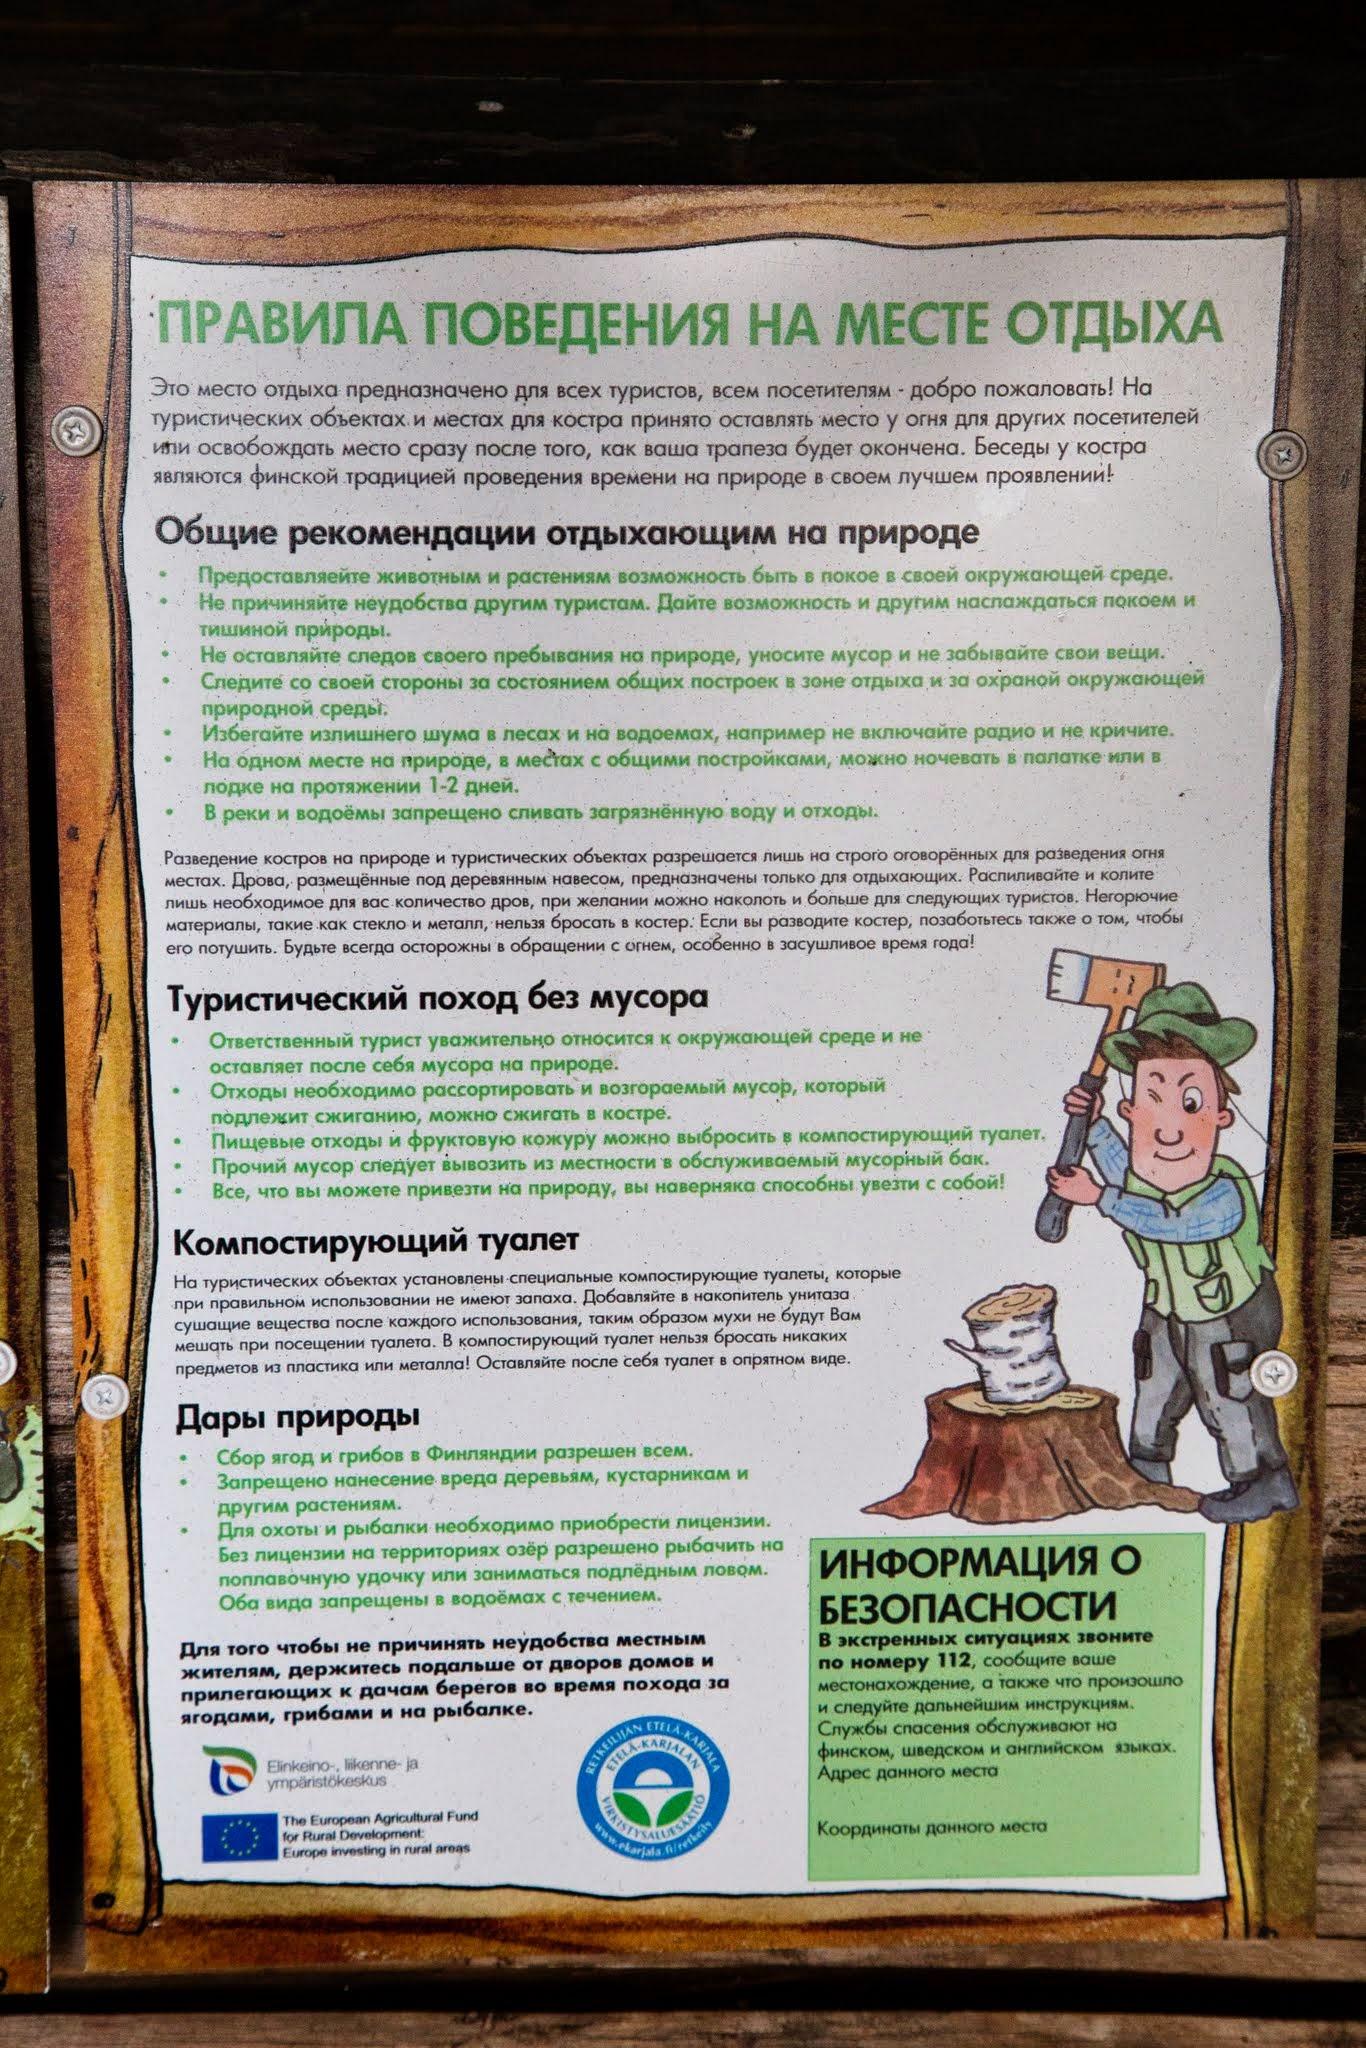 Правила поведения в Финляндии